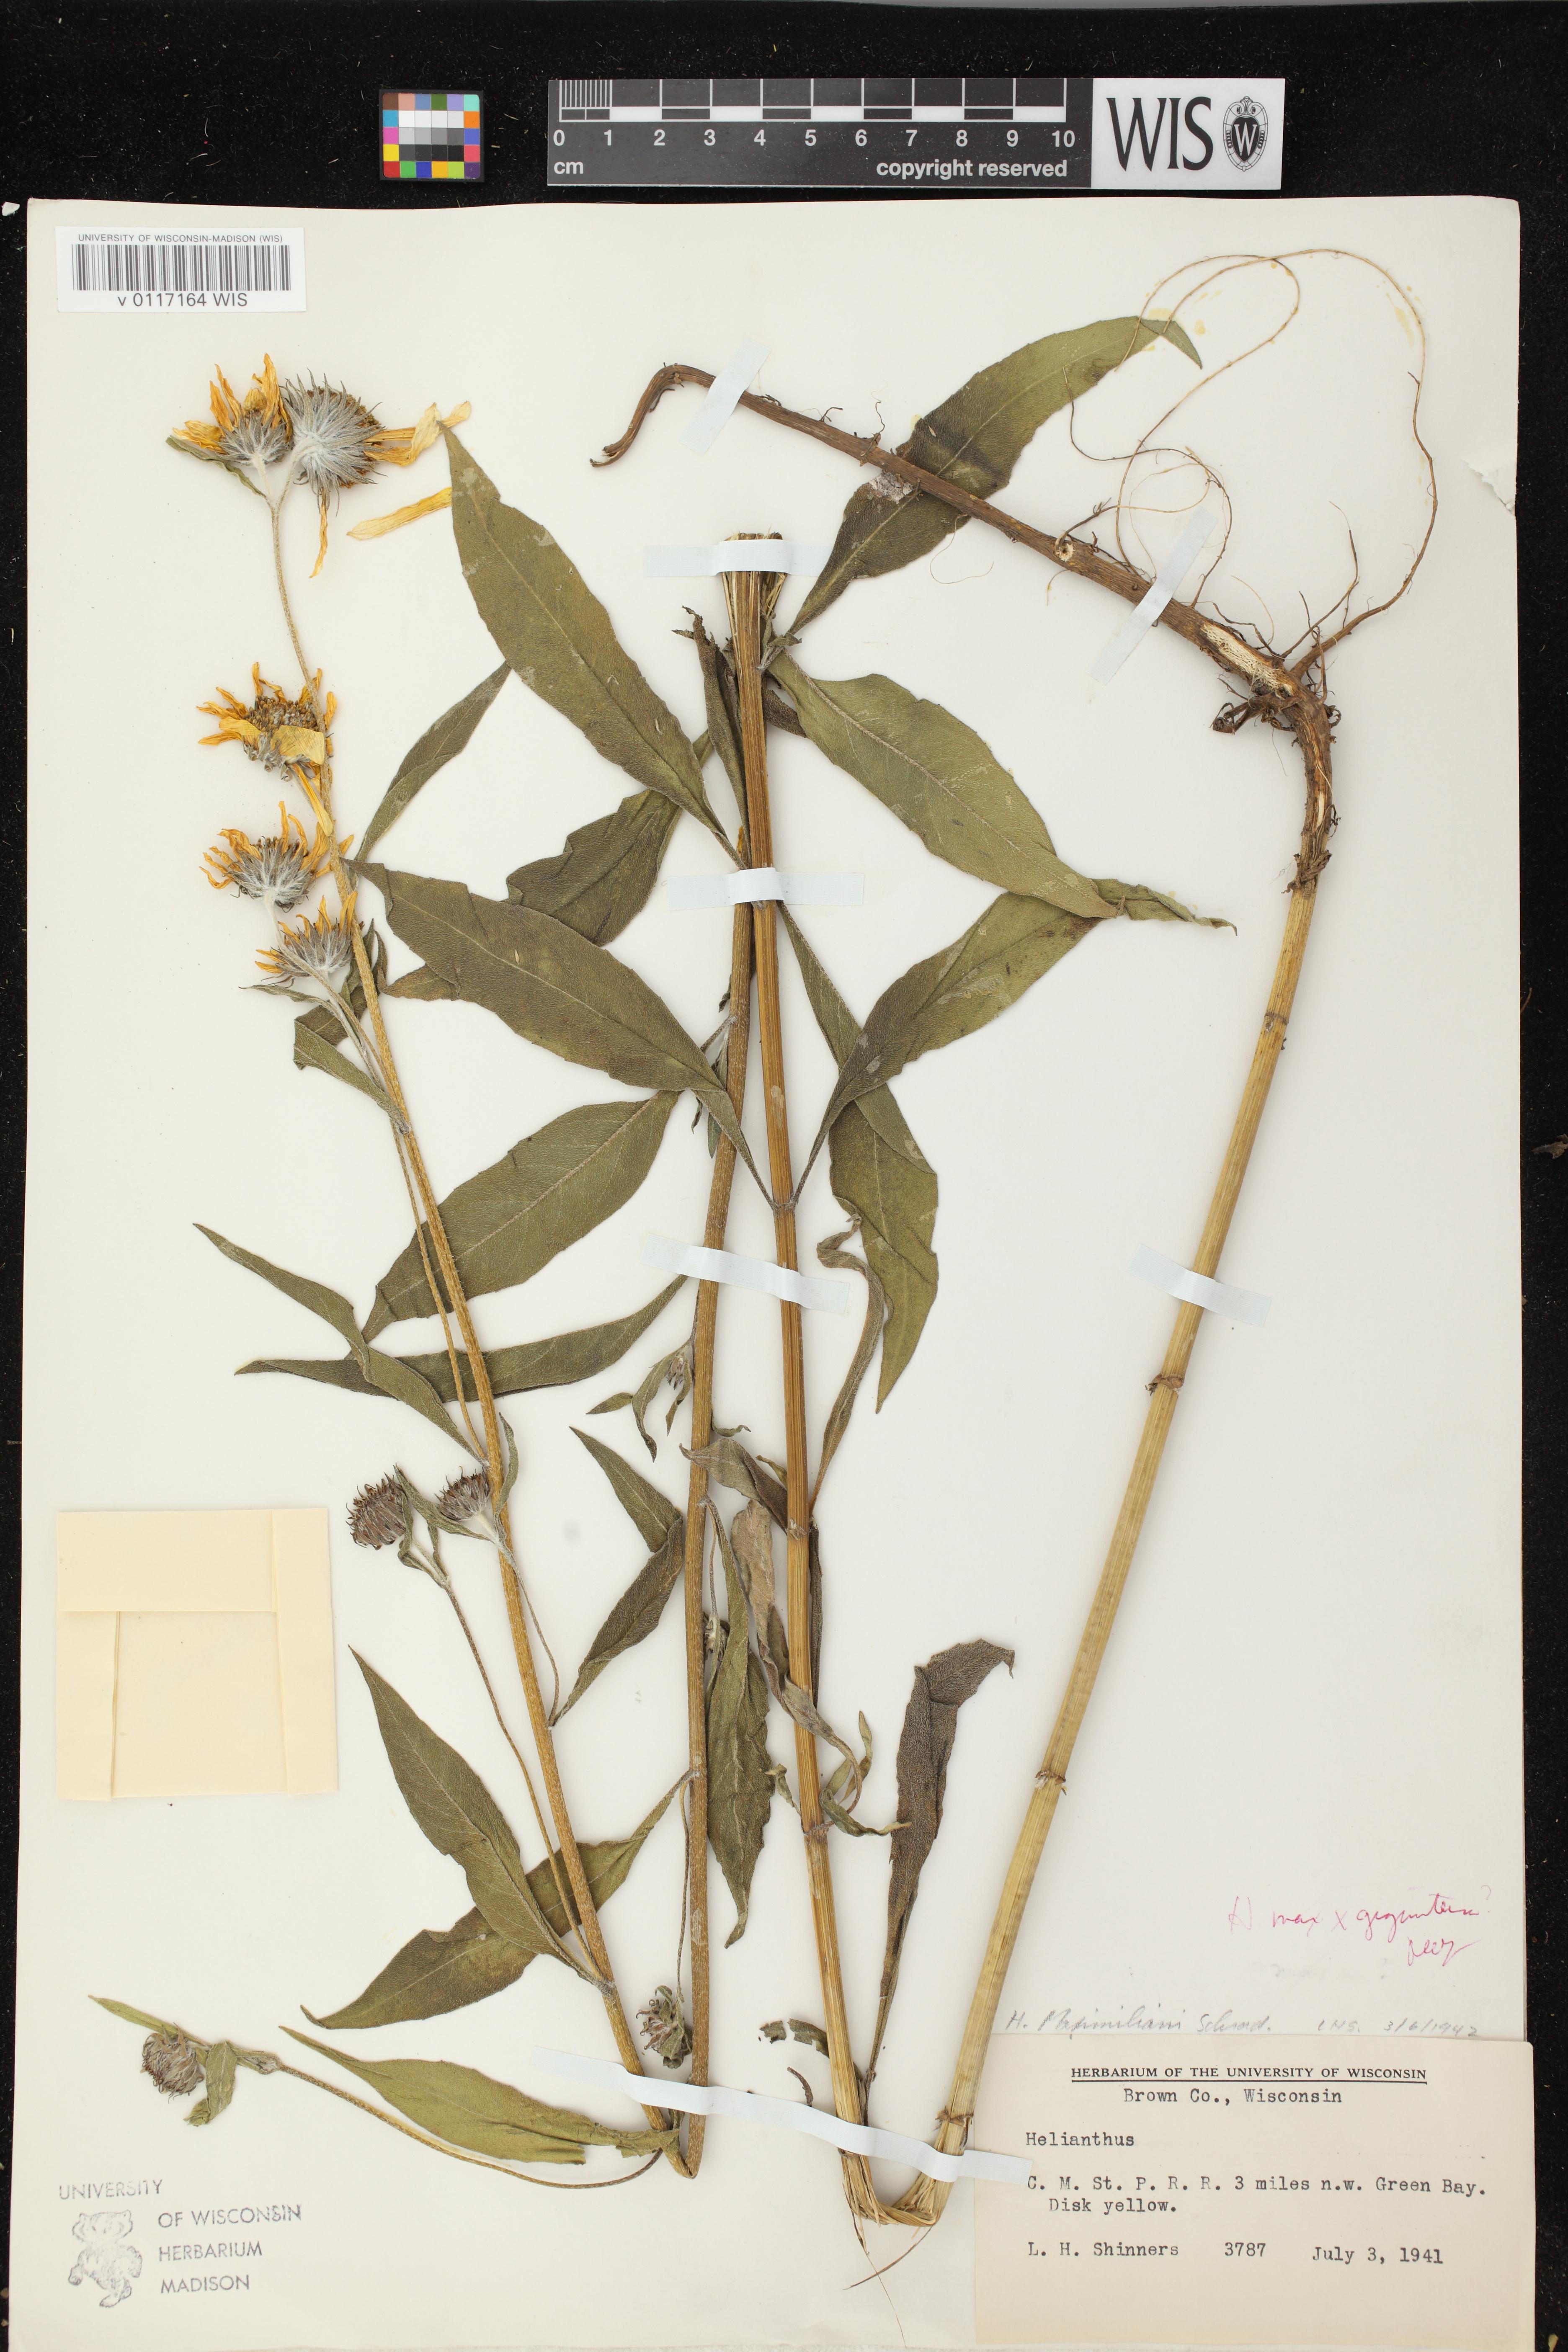 Image of Helianthus giganteus x h. maximilianii